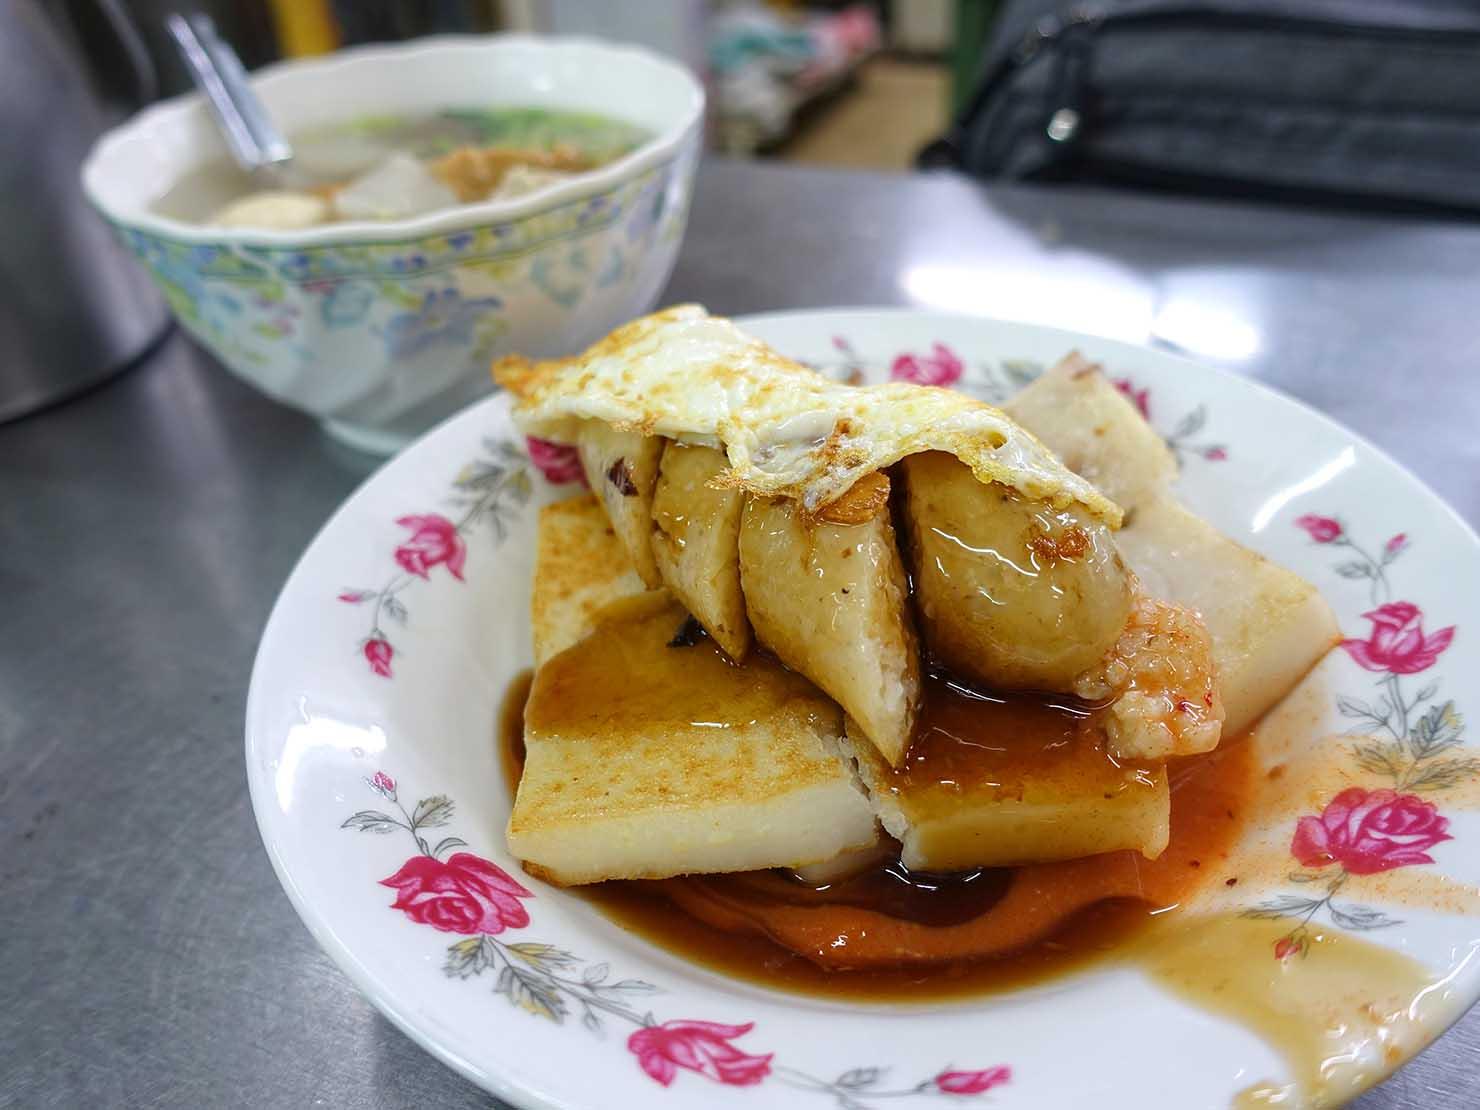 台中の有名グルメスポット「第二市場」で食べた朝ごはんの蘿蔔糕